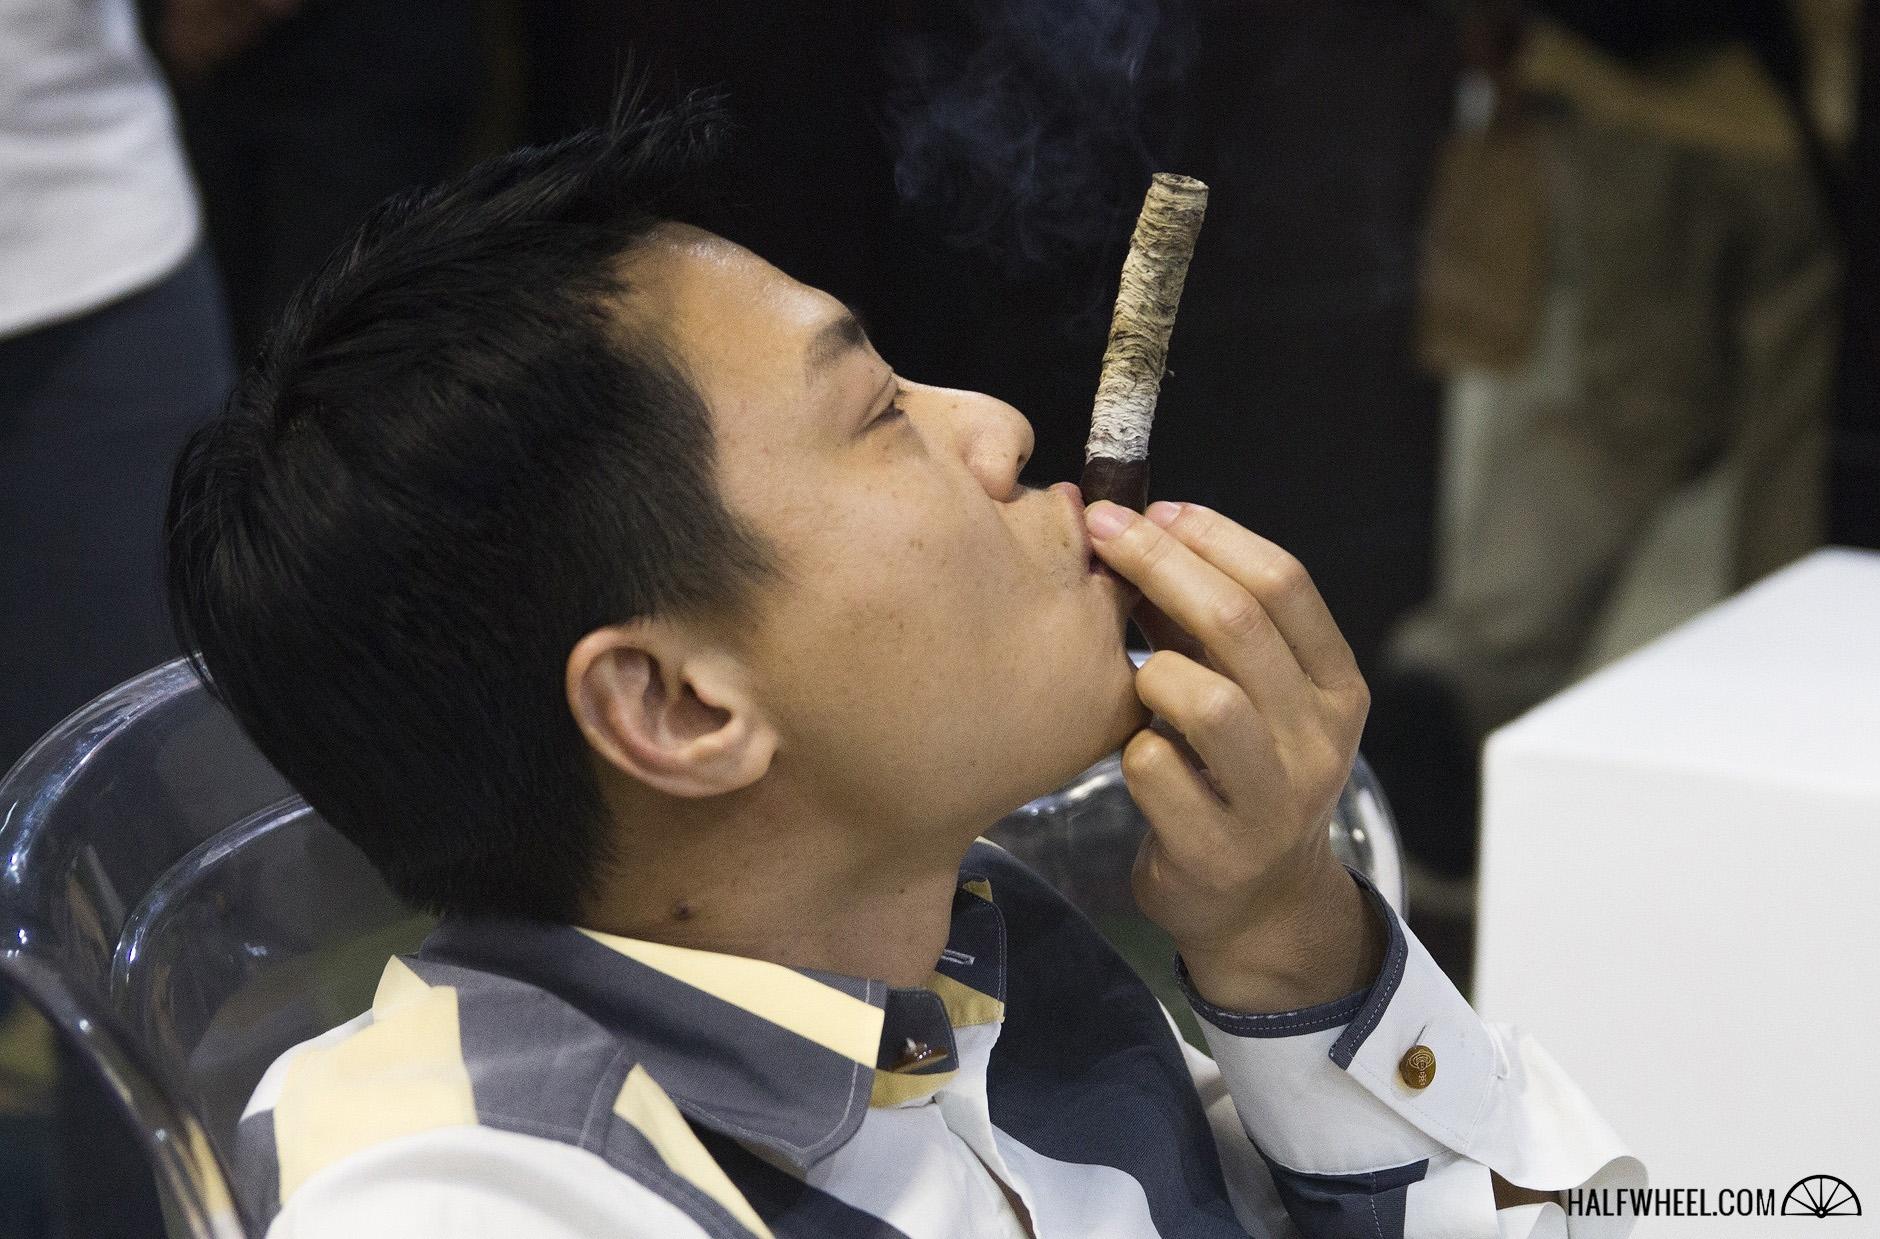 Sigarer